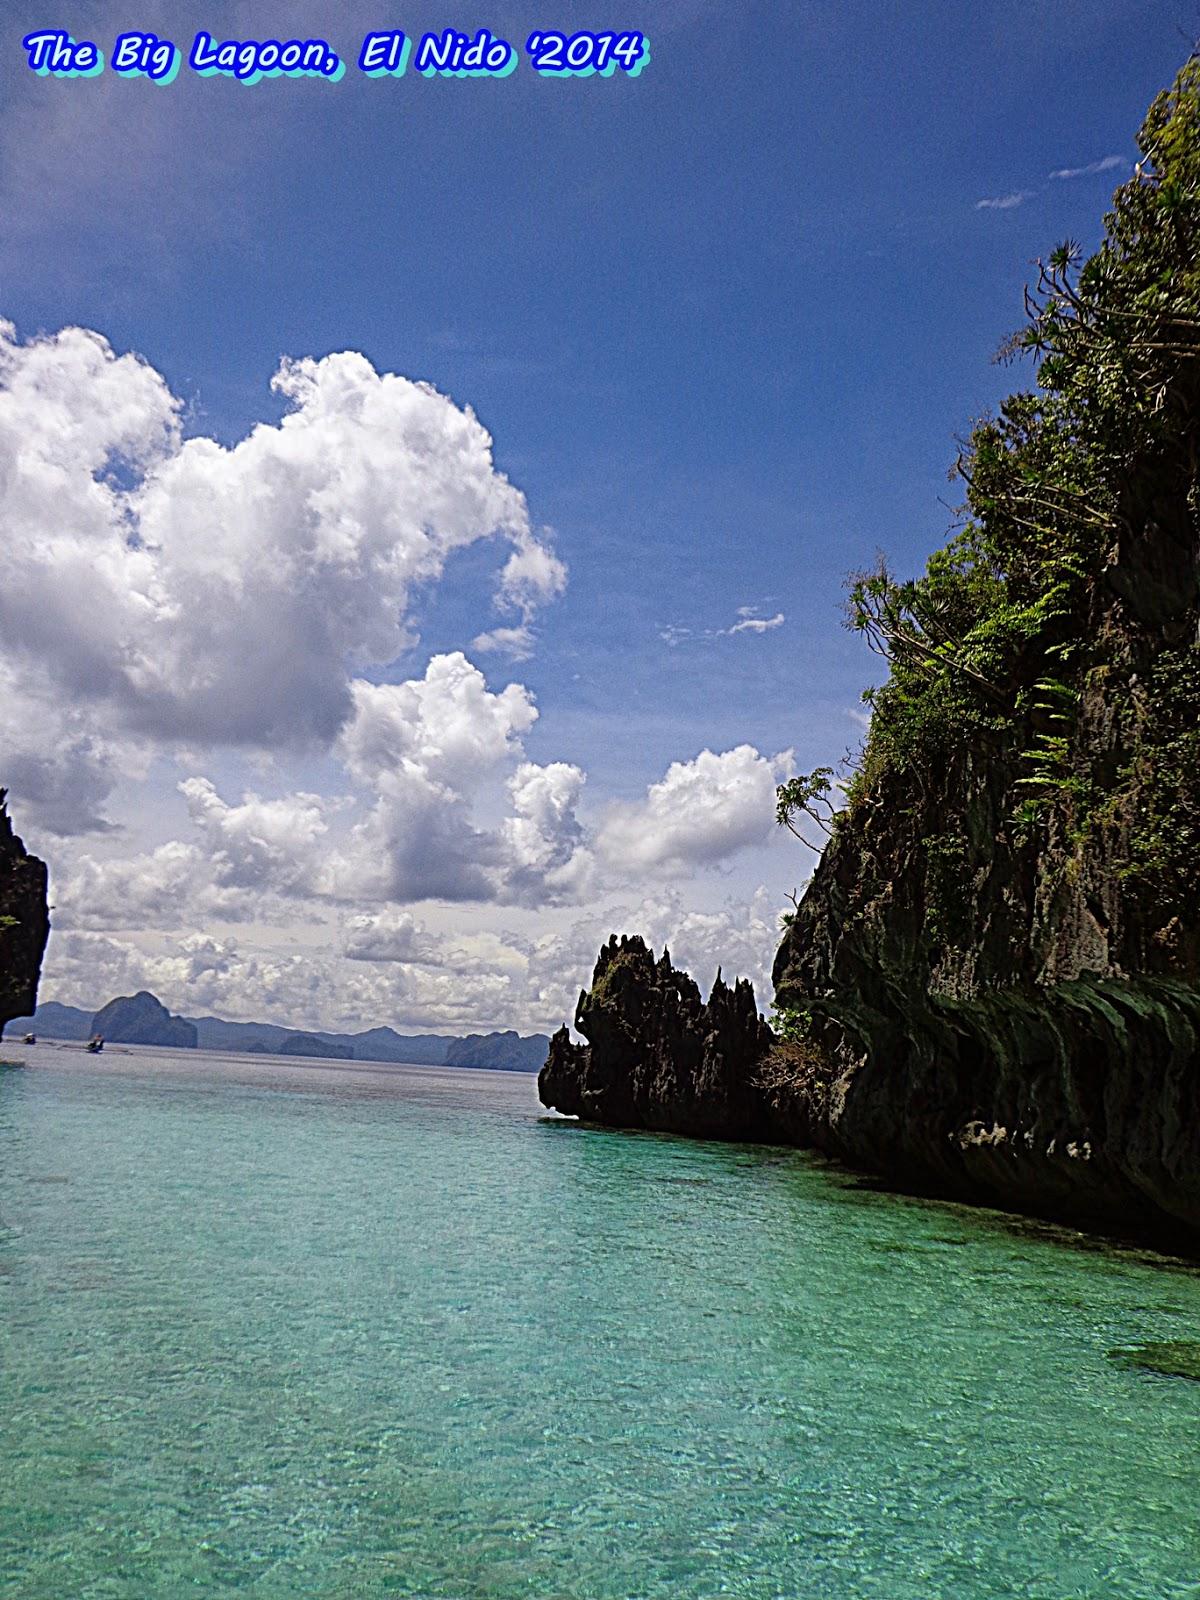 Big Lagoon, Tour A, El Nido, Palawan